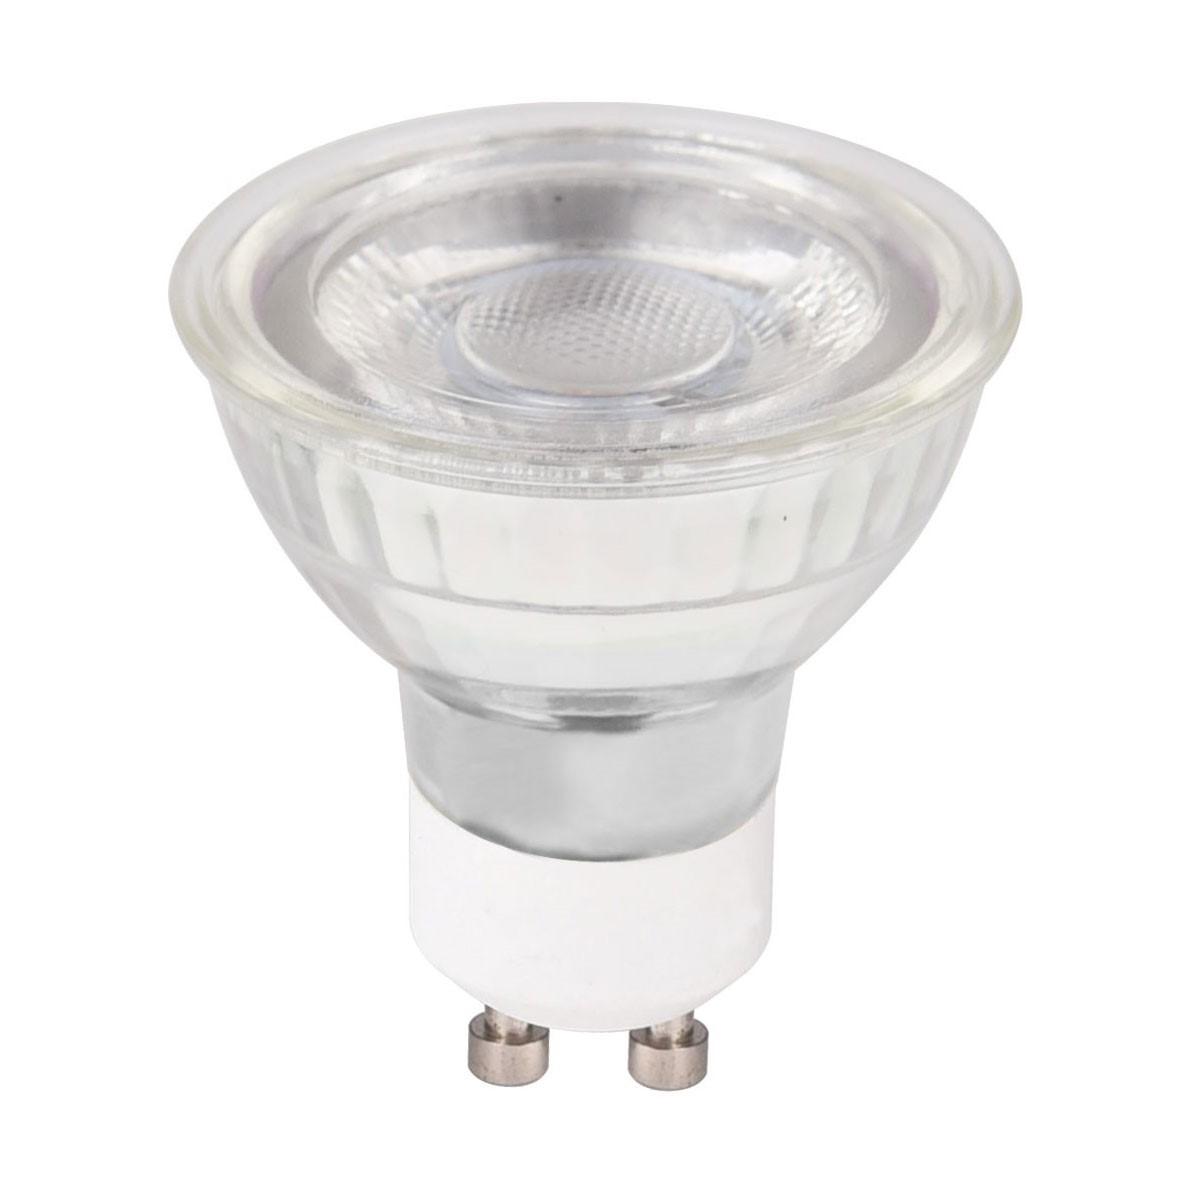 TWILIGHT LED LAMP GLASS  5-40W GU10 DIM 5 JAAR GARANTIE